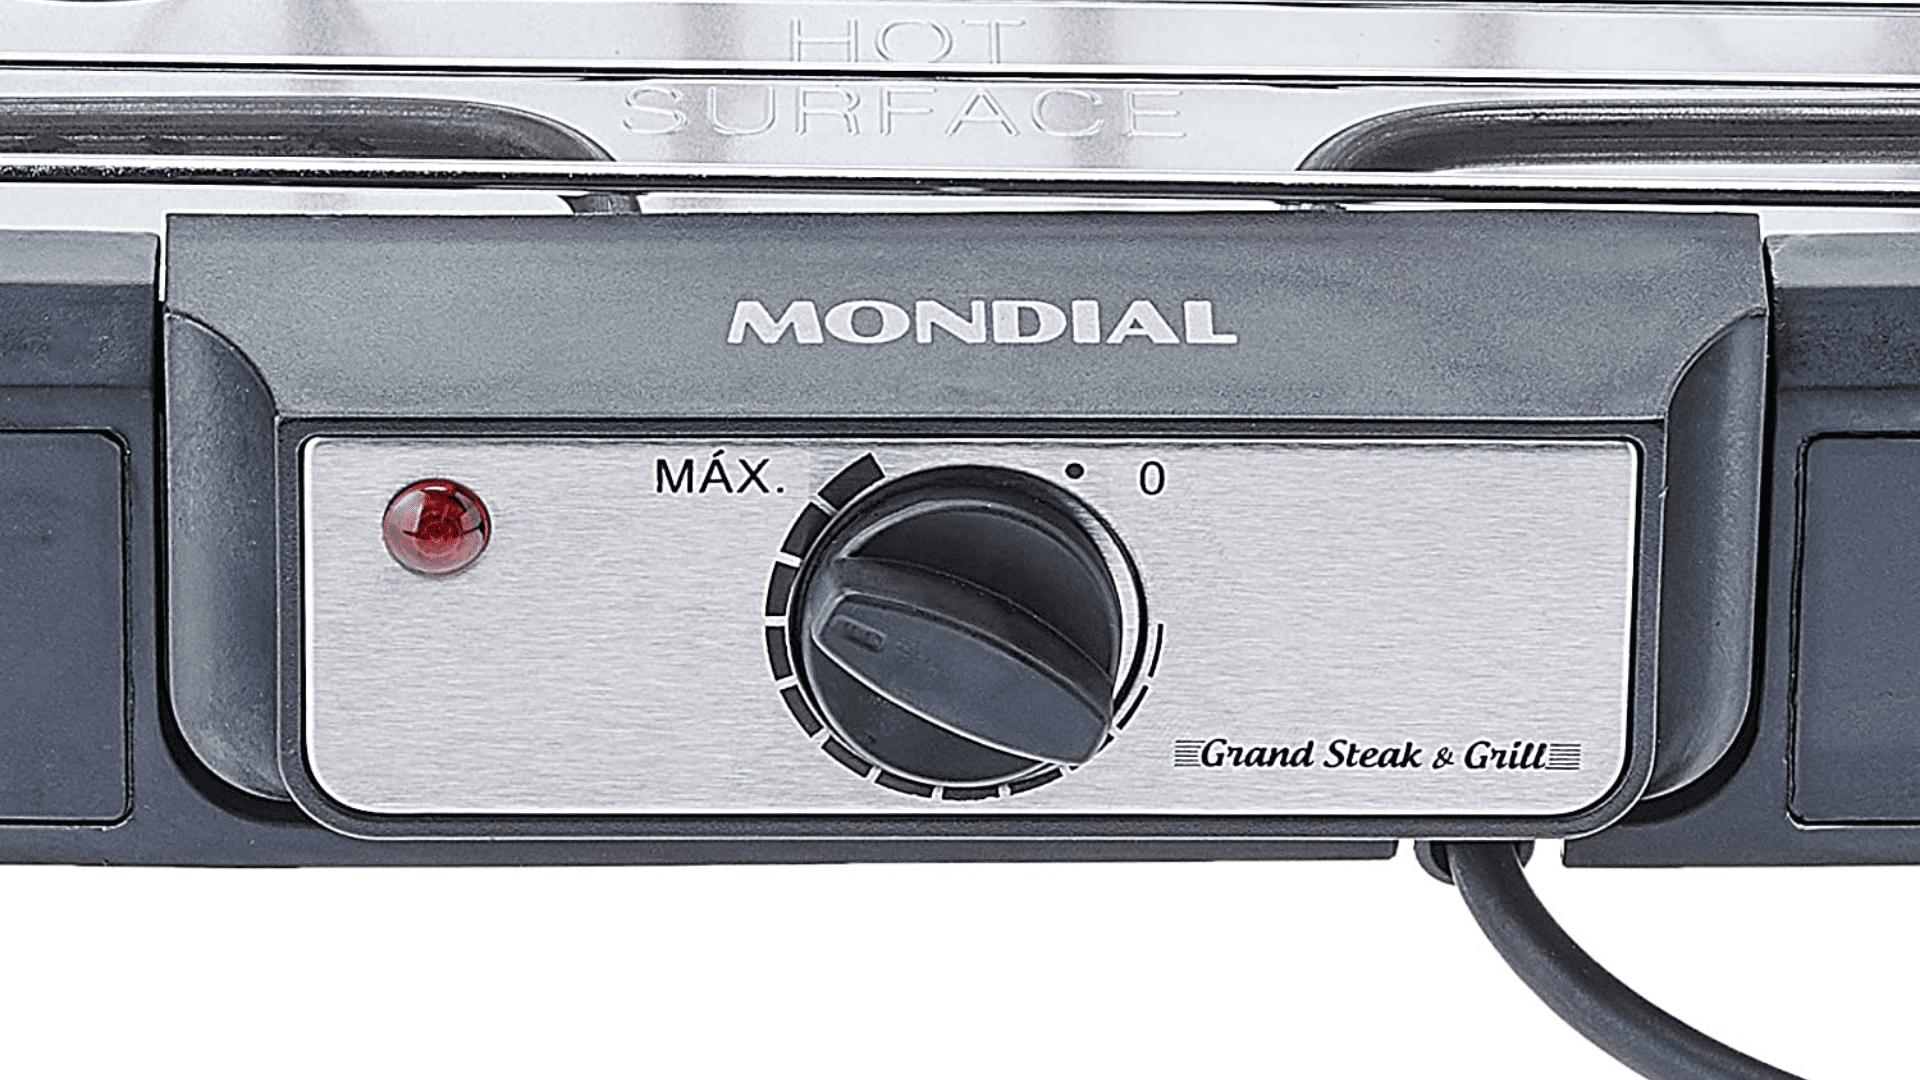 O painel da churrasqueira elétrica da Mondial vem com um botão regulador de temperatura e um aviso luminoso de funcionamento. (Imagem: Divulgação/Mondial)